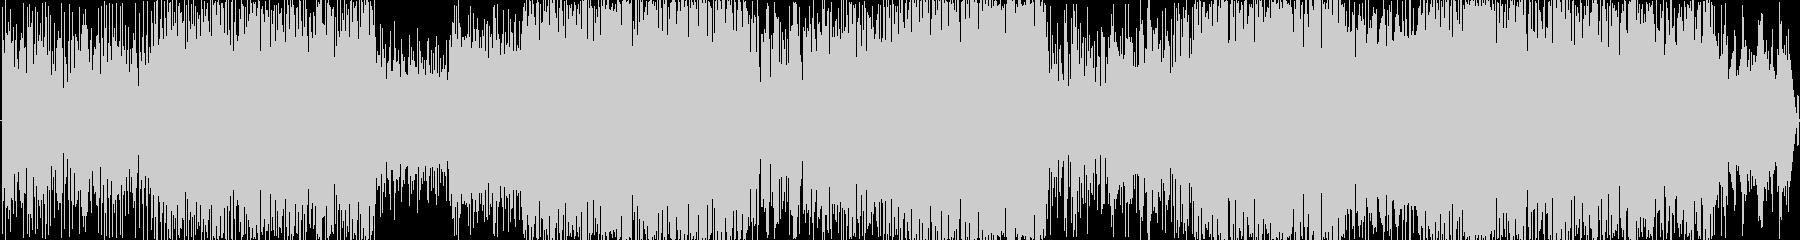 DnB エレクトロの未再生の波形